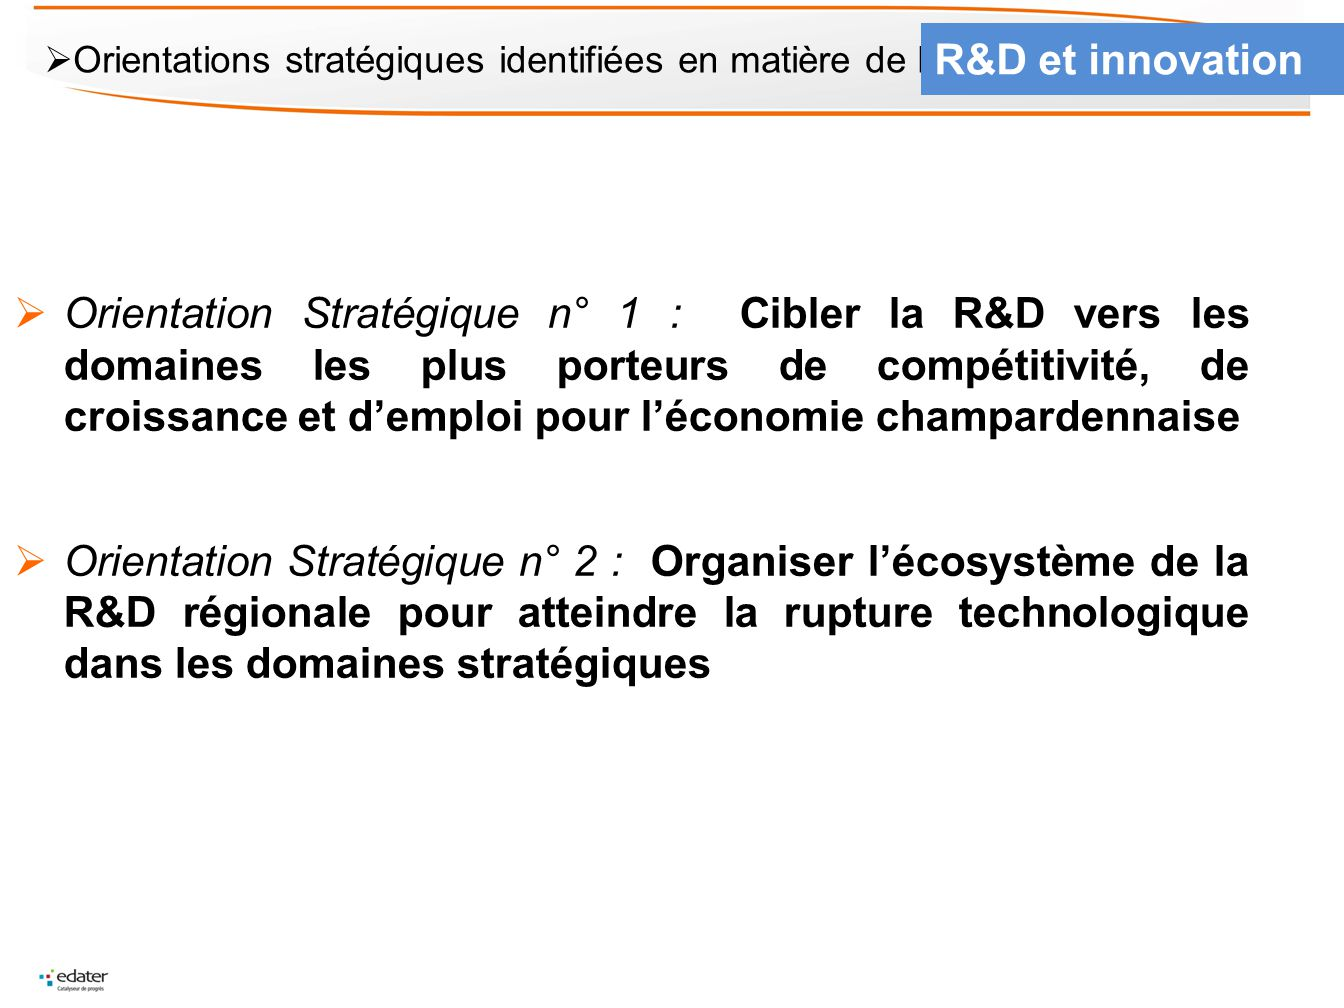 R&D et innovation Orientations stratégiques identifiées en matière de R&D et d'innovation.